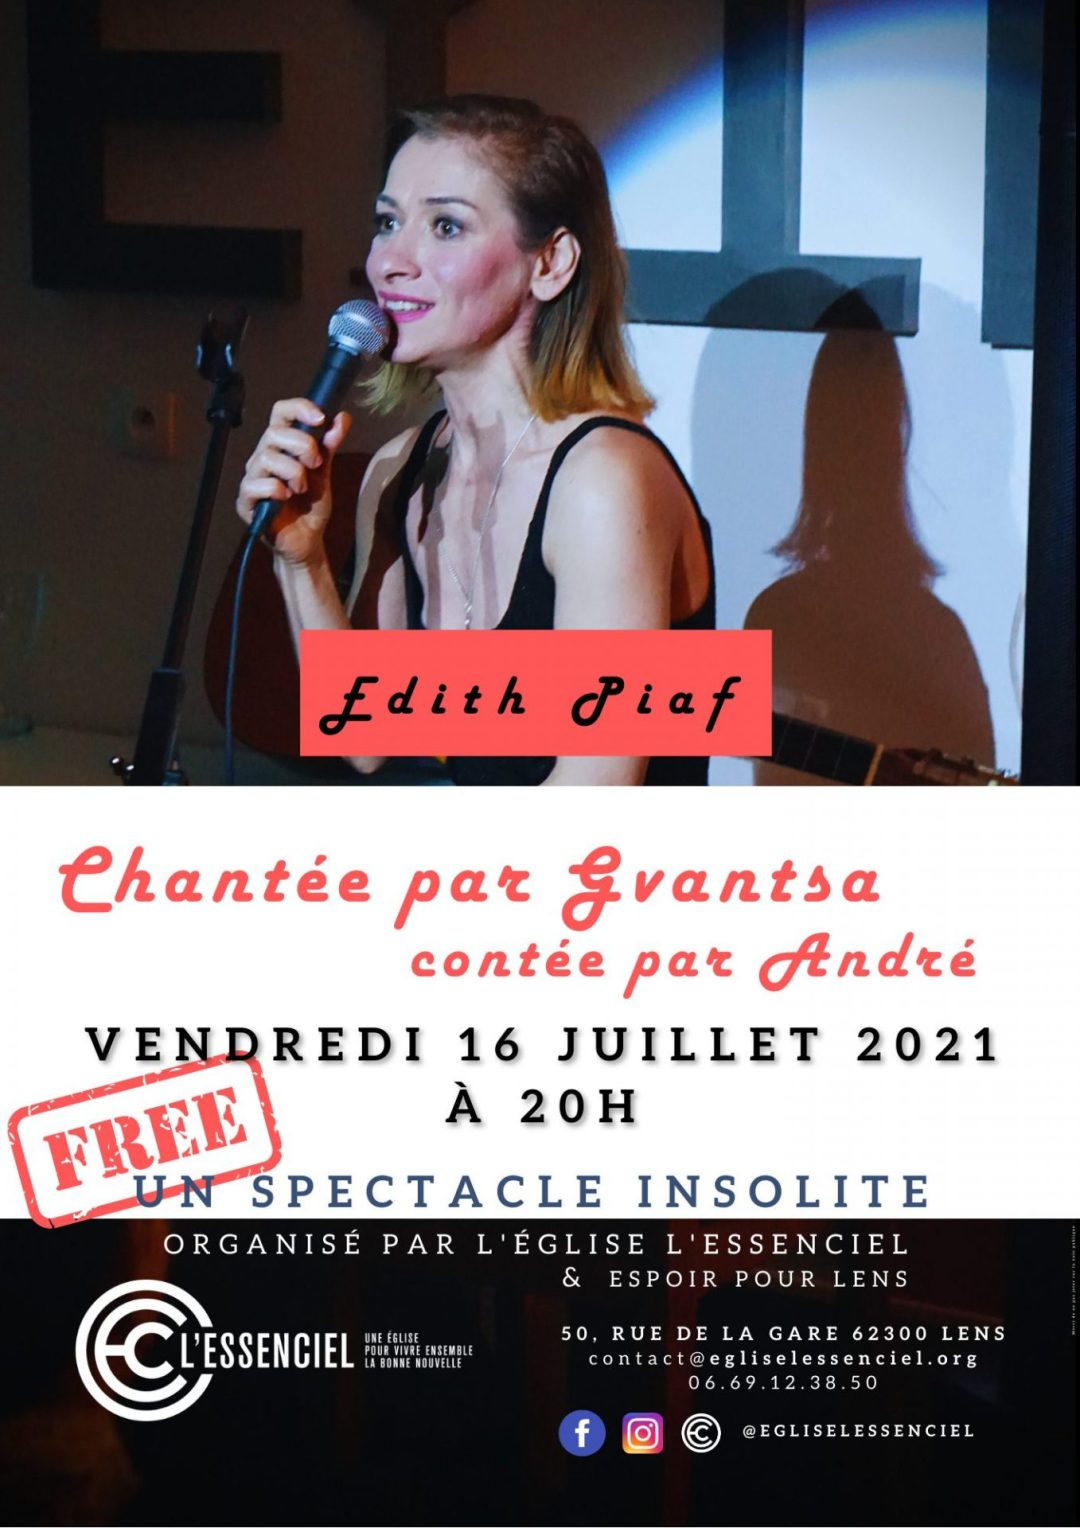 Concert Edith Piaf chanté par Gvantsa